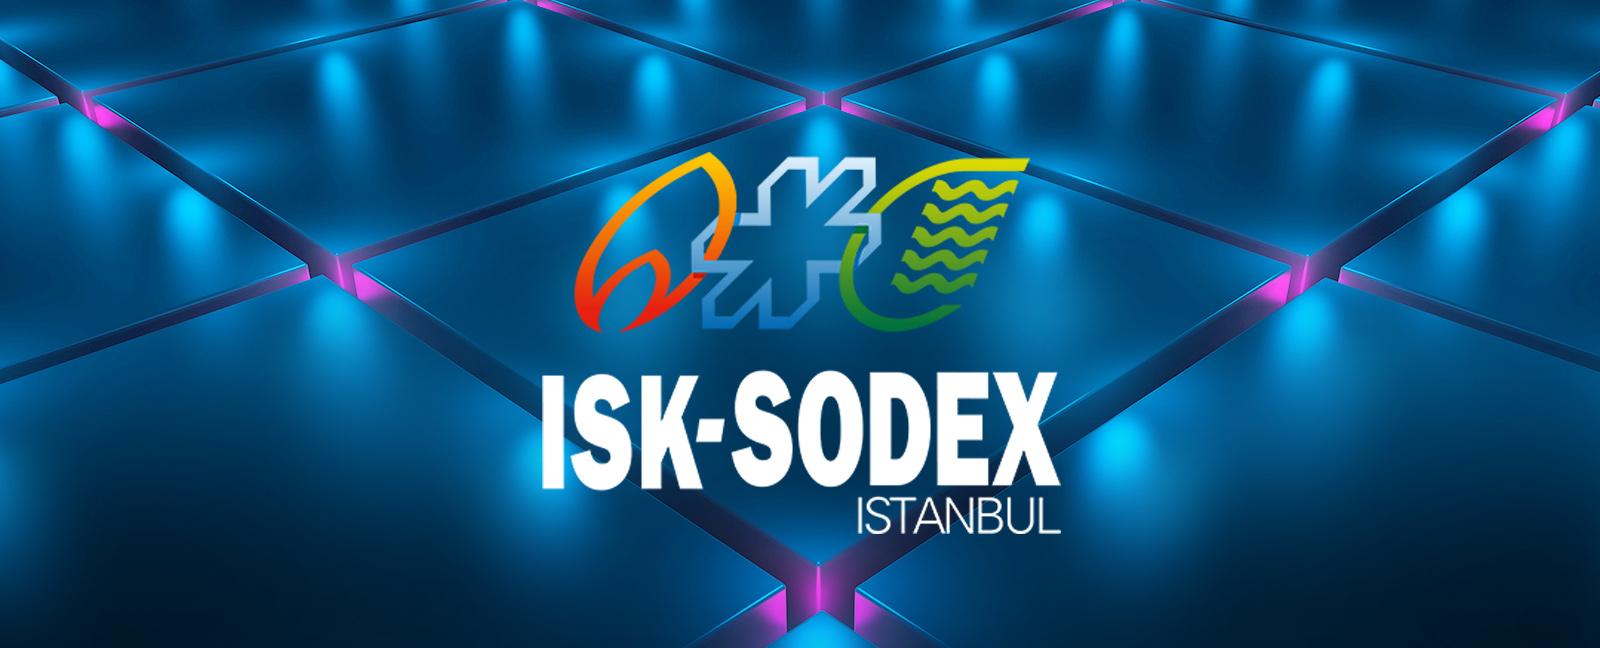 Yeniliklerimizi ISK SODEX İstanbul 2021 Fuarı'nda keşfedin!